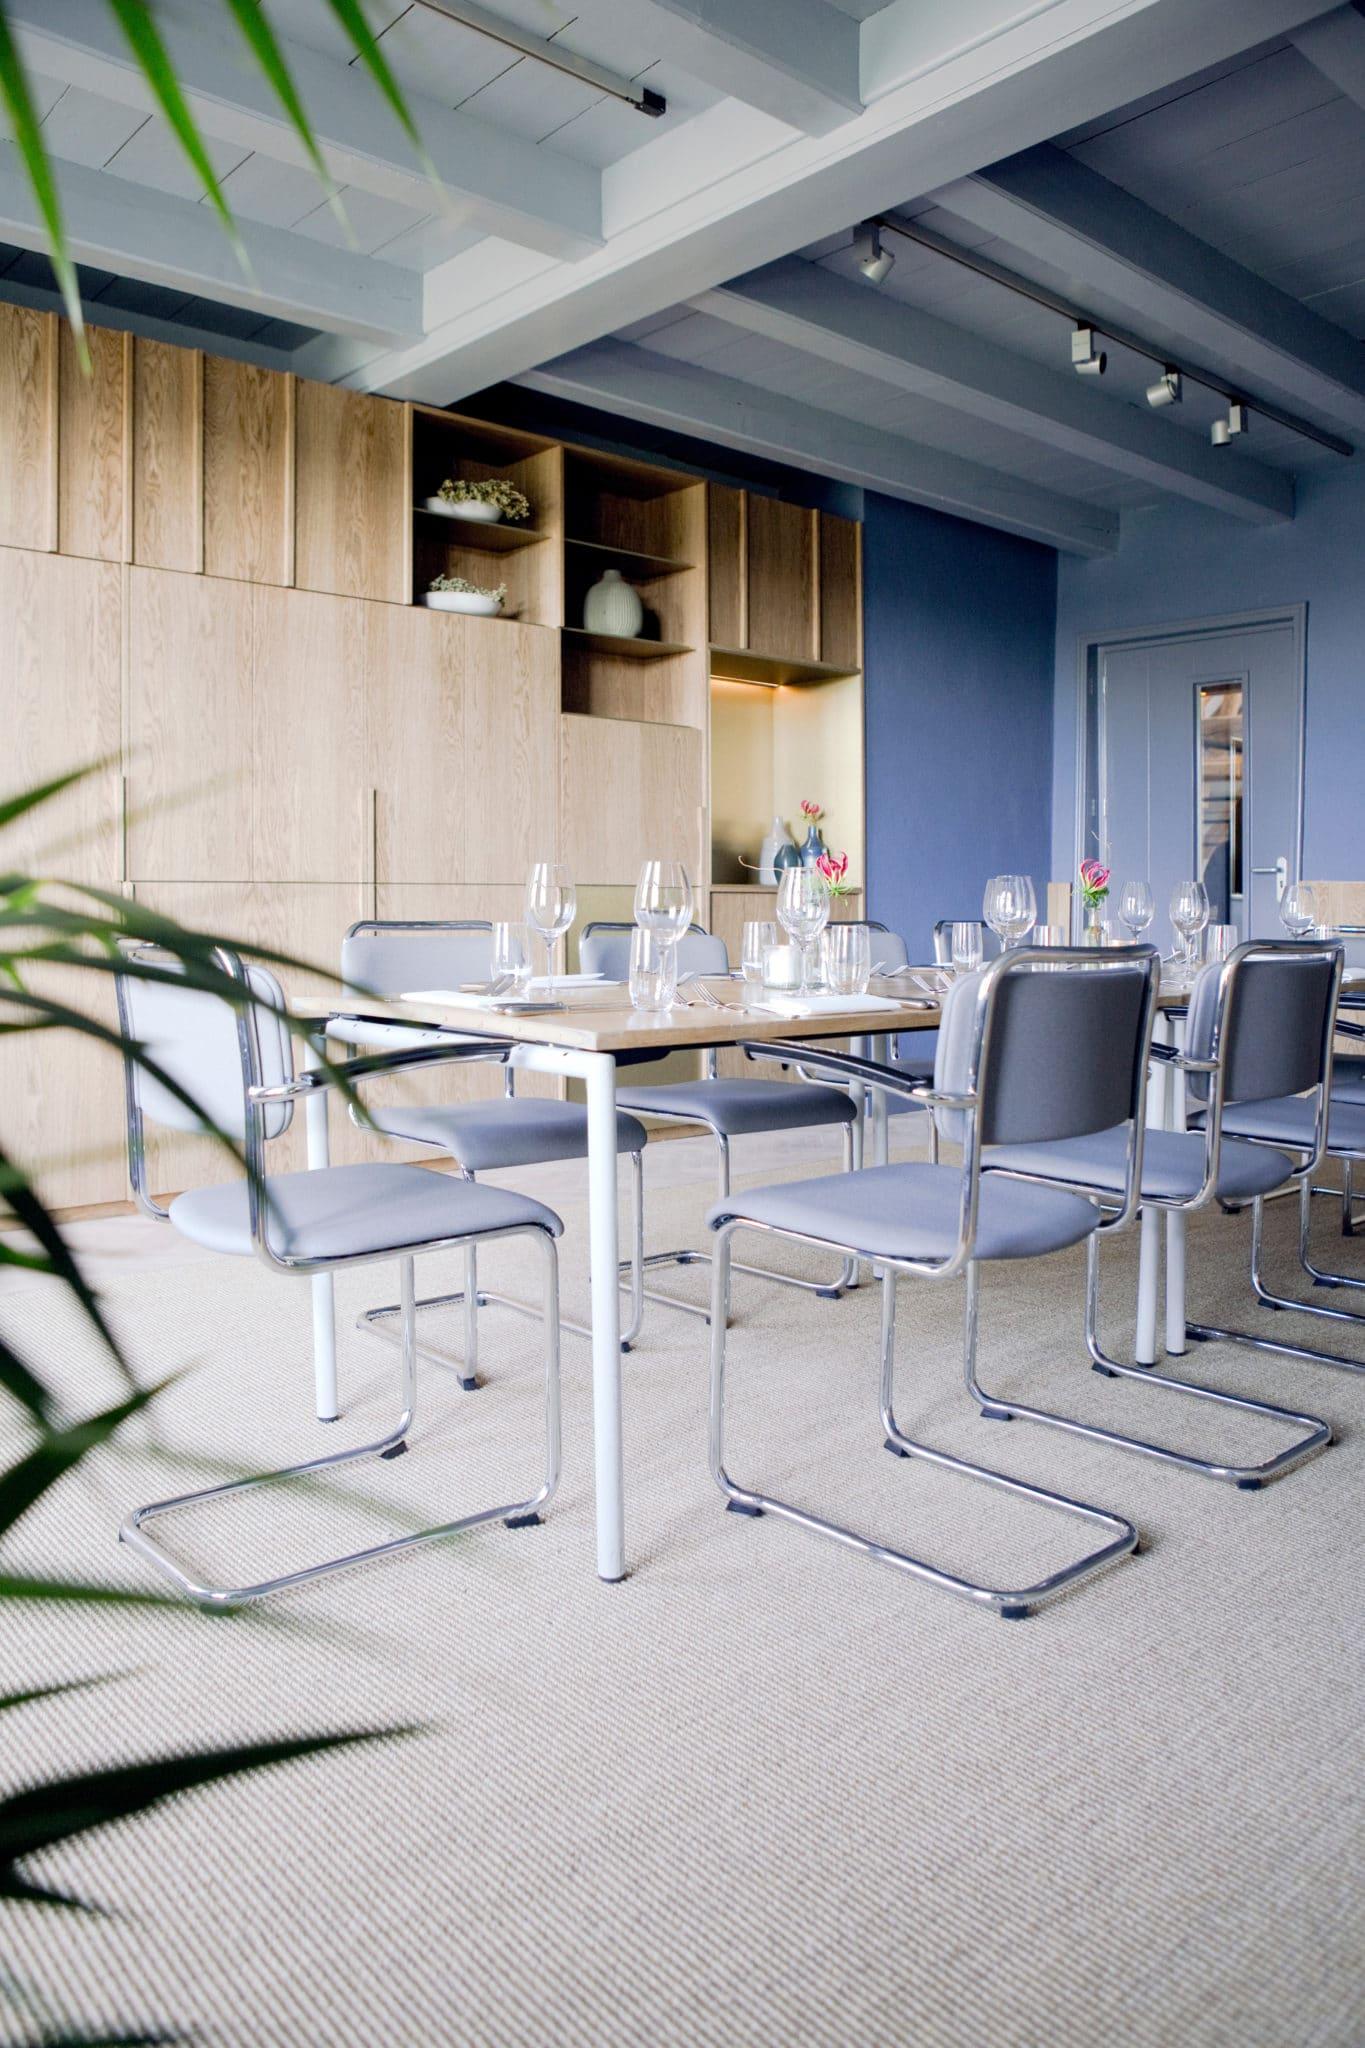 zakelijke verhuur Vroeg Bunnik opkamers banqueting ruimte interieur ontwerp enbuin embium enbion anbiun